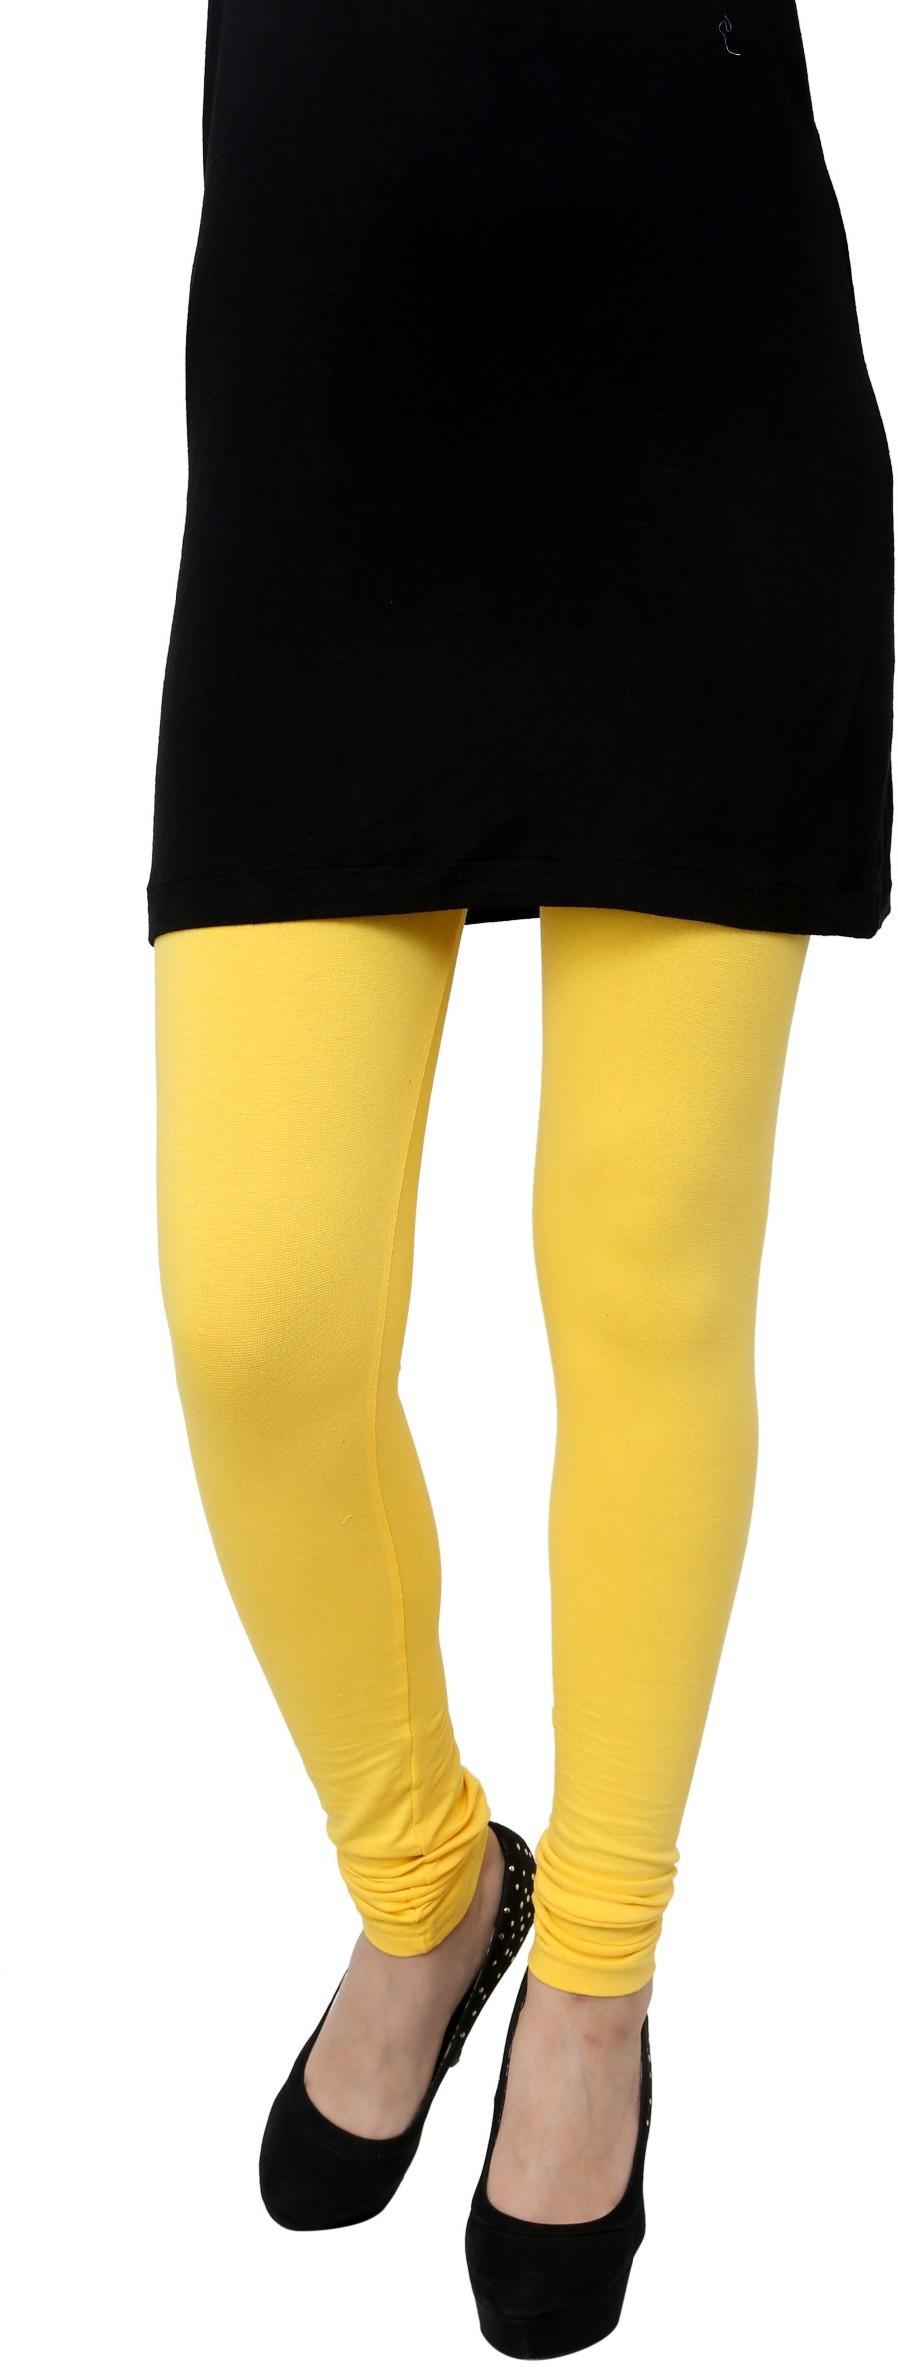 Gen Womens Yellow Leggings